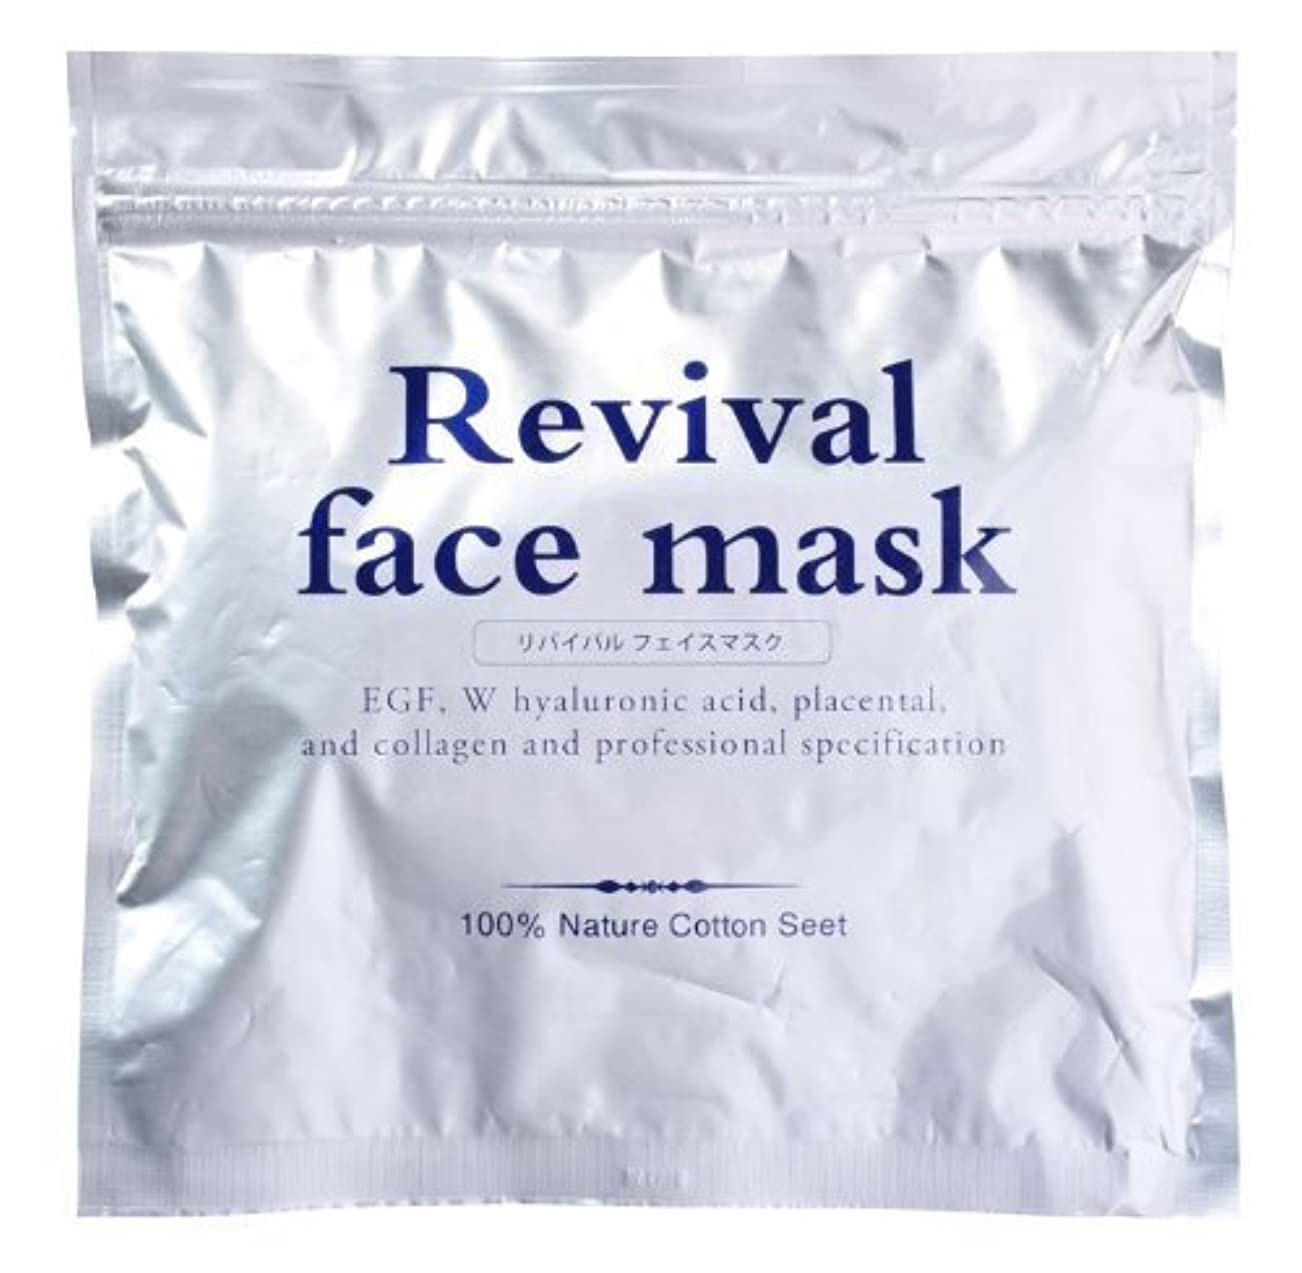 消す縞模様のがっかりするリバイバル フェイスマスク 30枚